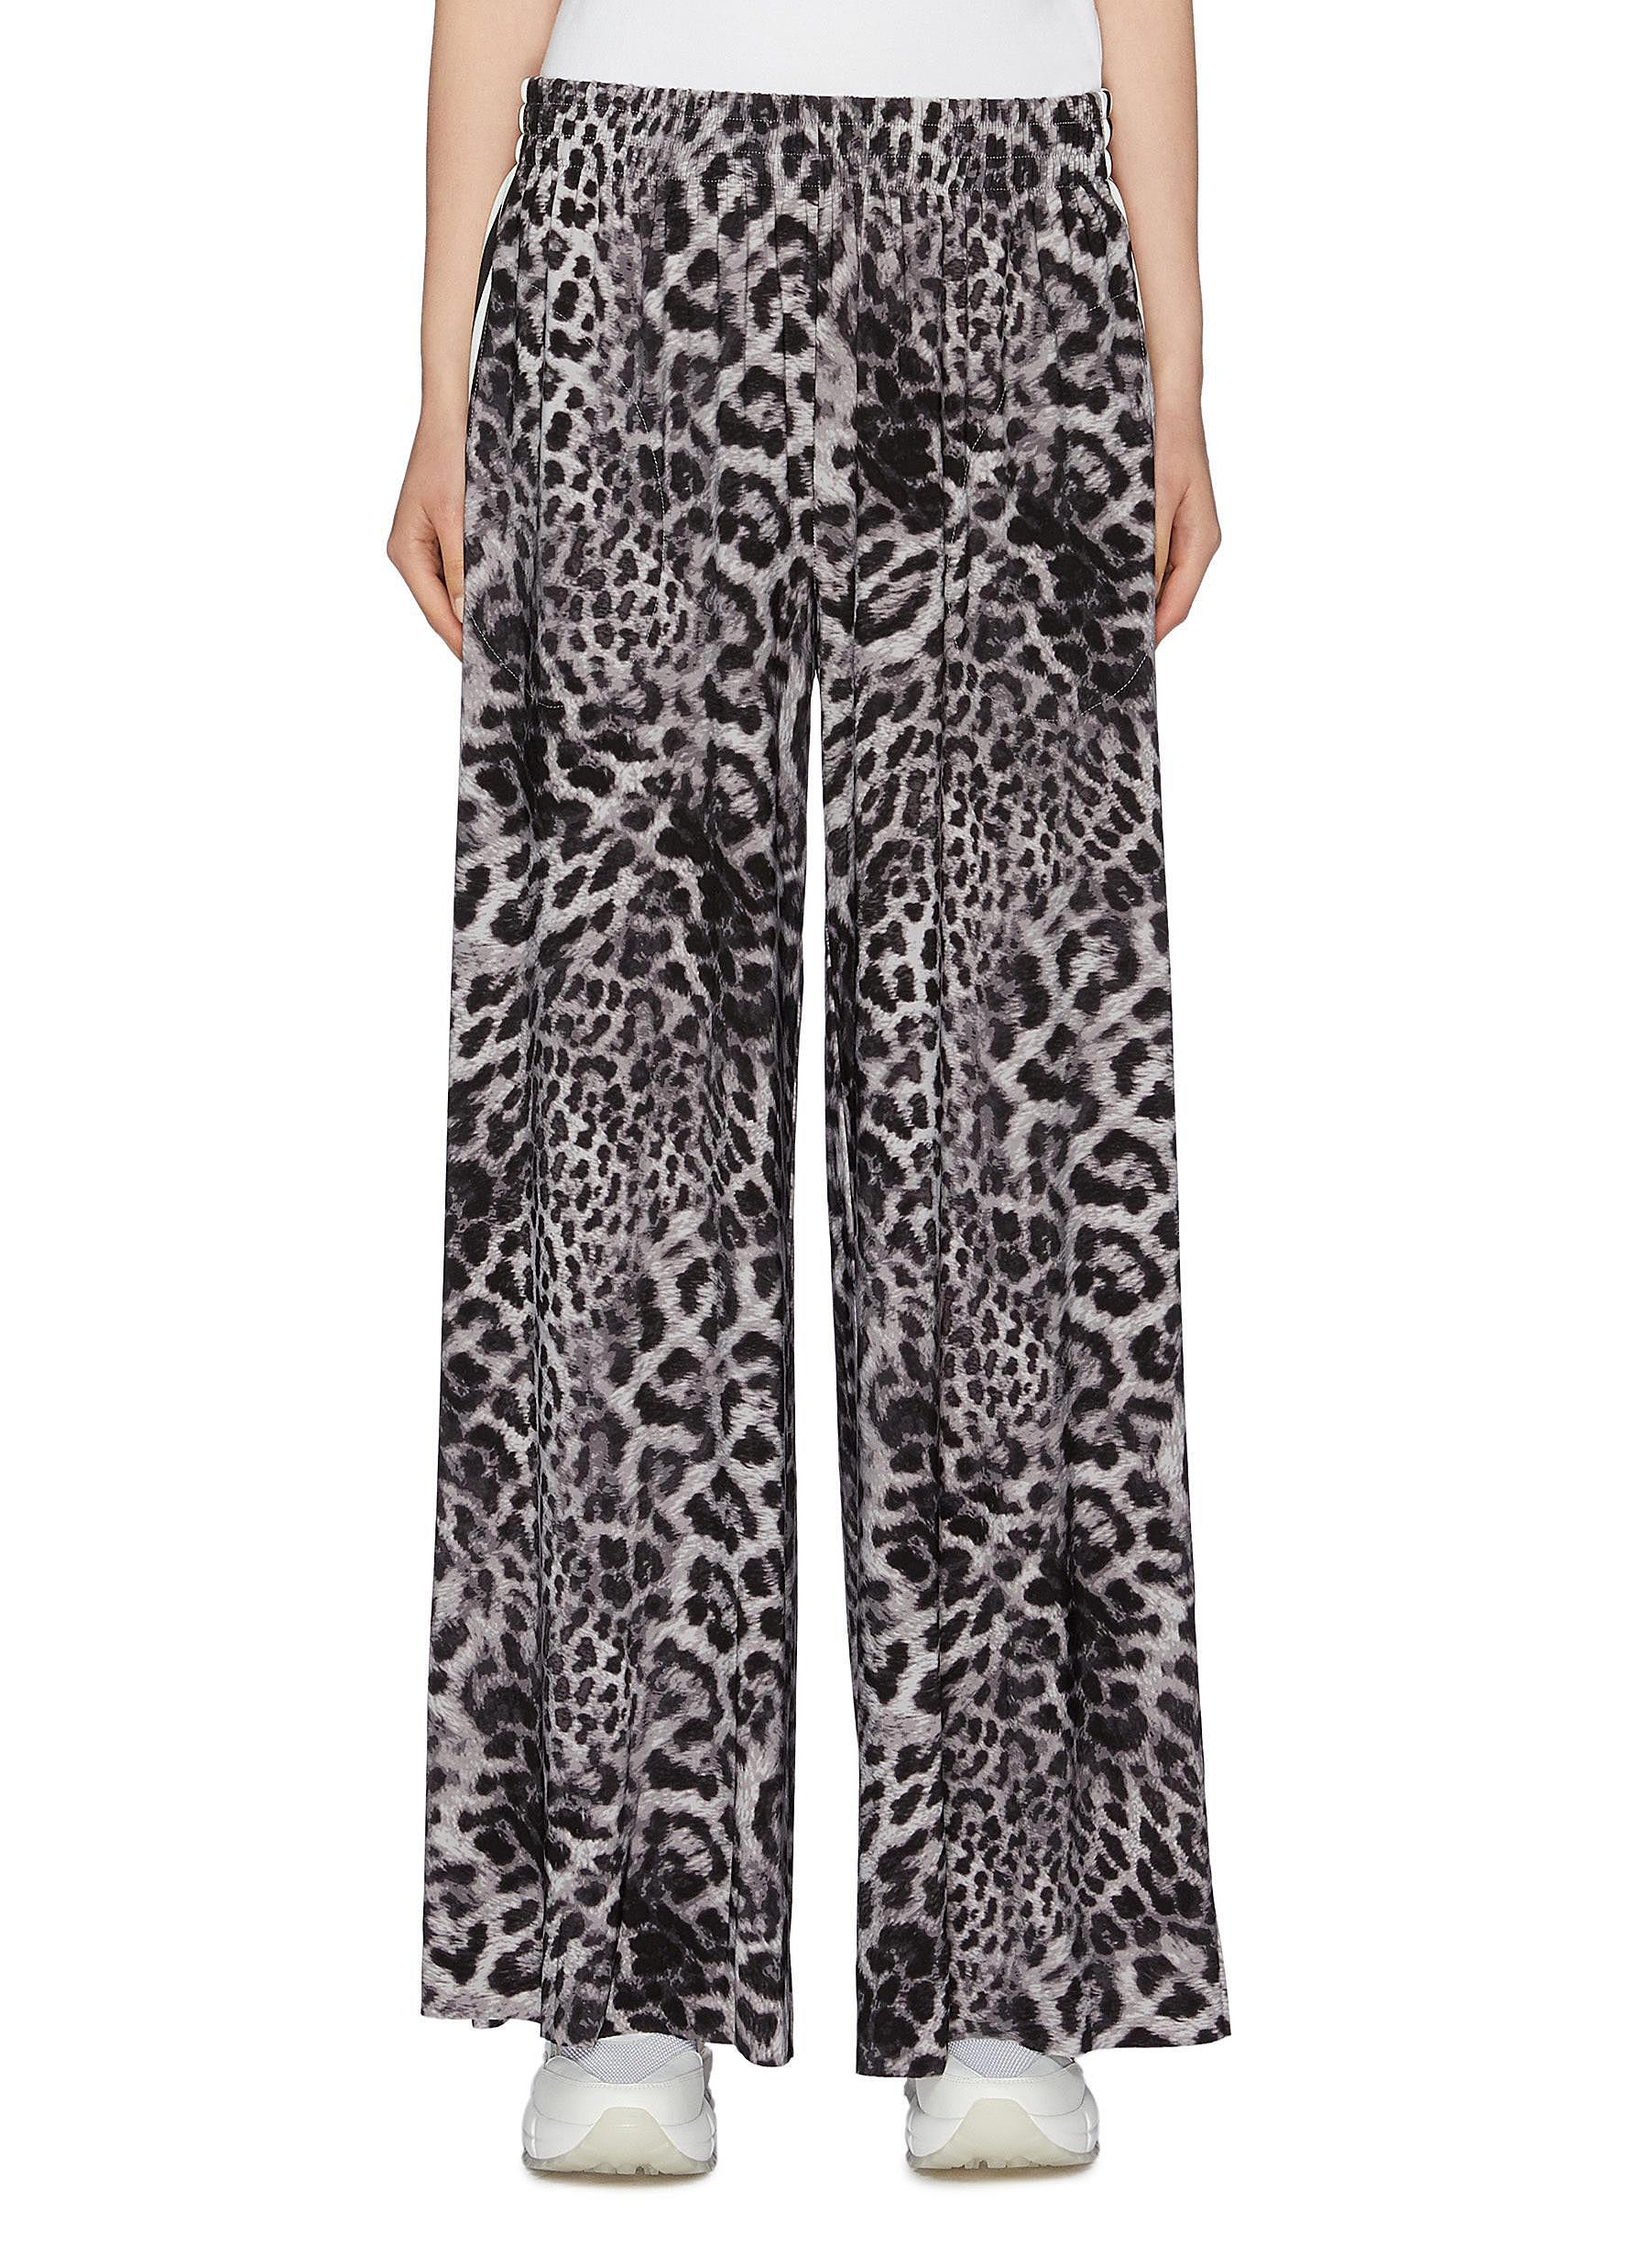 Boyfriend Elephant stripe outseam leopard print sweatpants by Norma Kamali